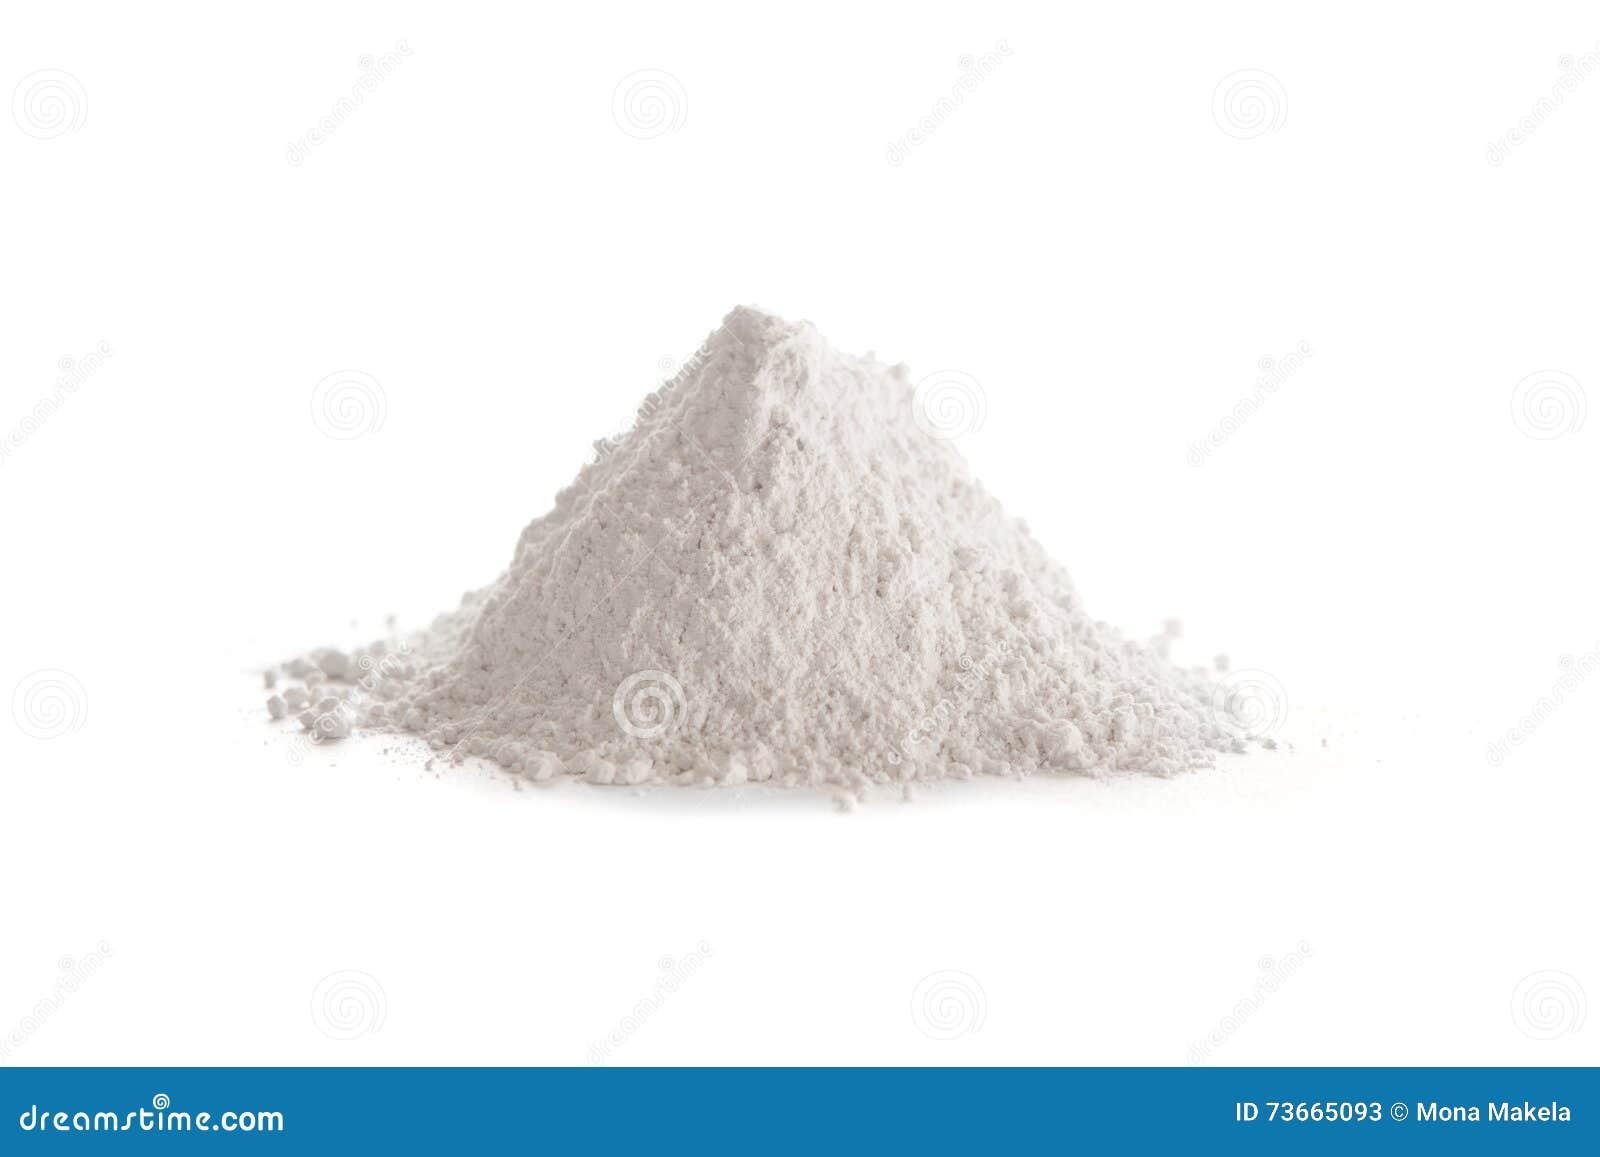 Gypsum Plaster Of Paris : Gypsum plaster also called of paris or calcined